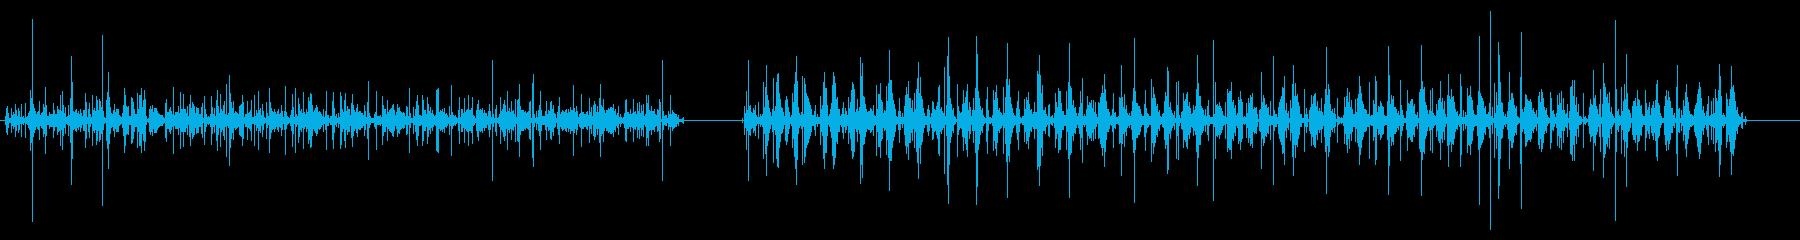 ジムローイング油圧ローイングマシン...の再生済みの波形